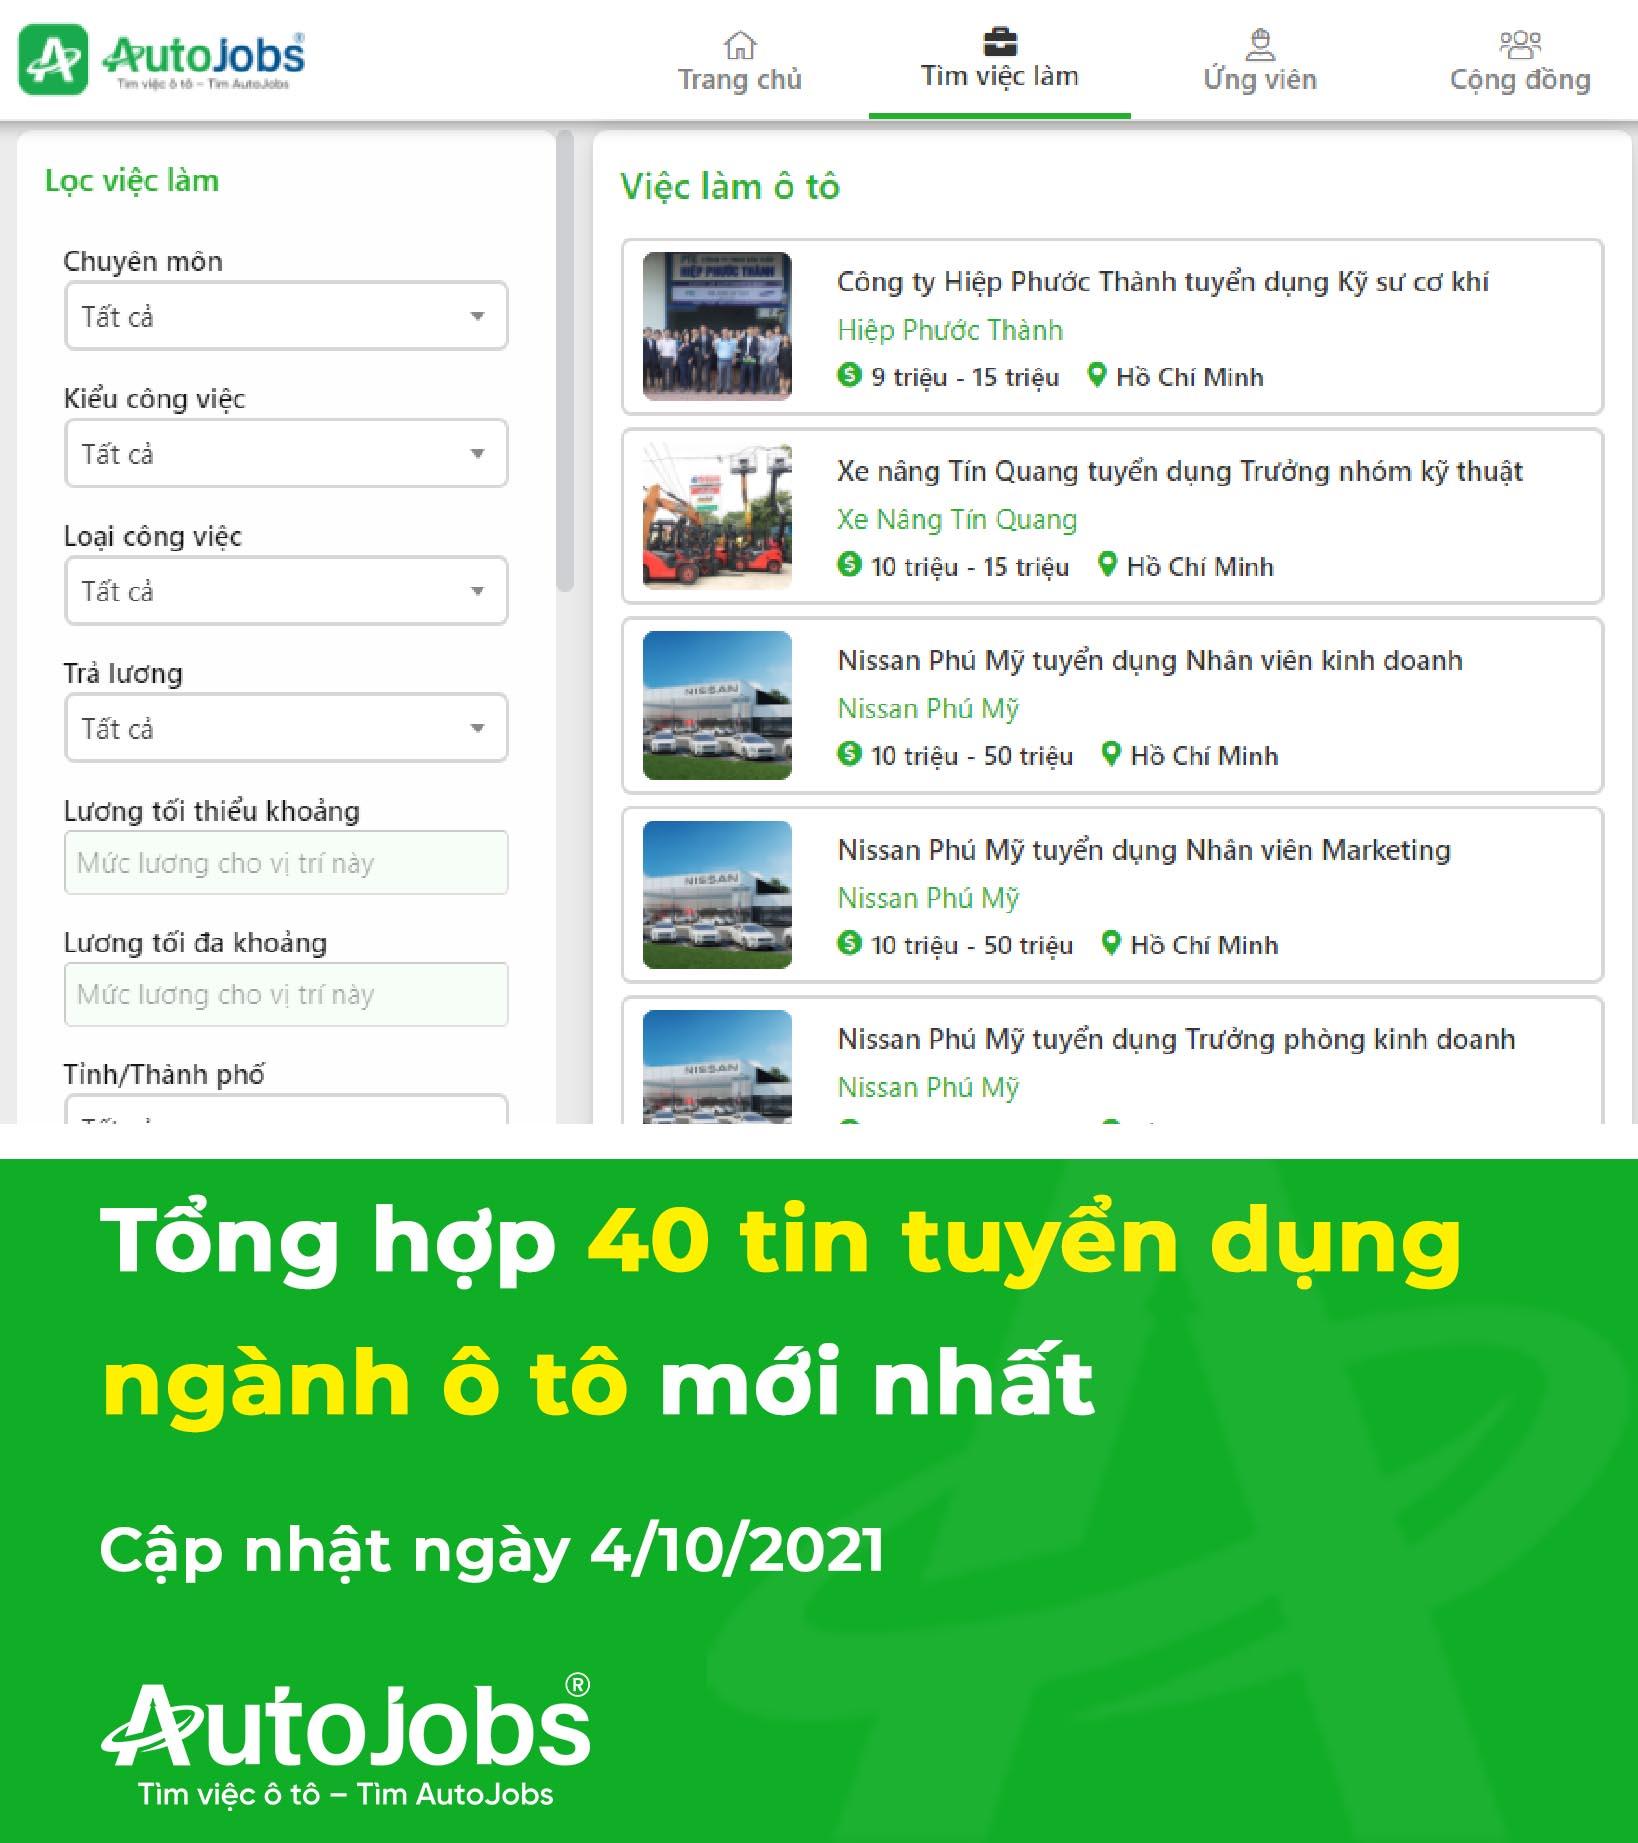 TONG-HOP-TIN-TUYEN-DUNG-TUAN-1-THANG-10-AUTOJOBS.jpg